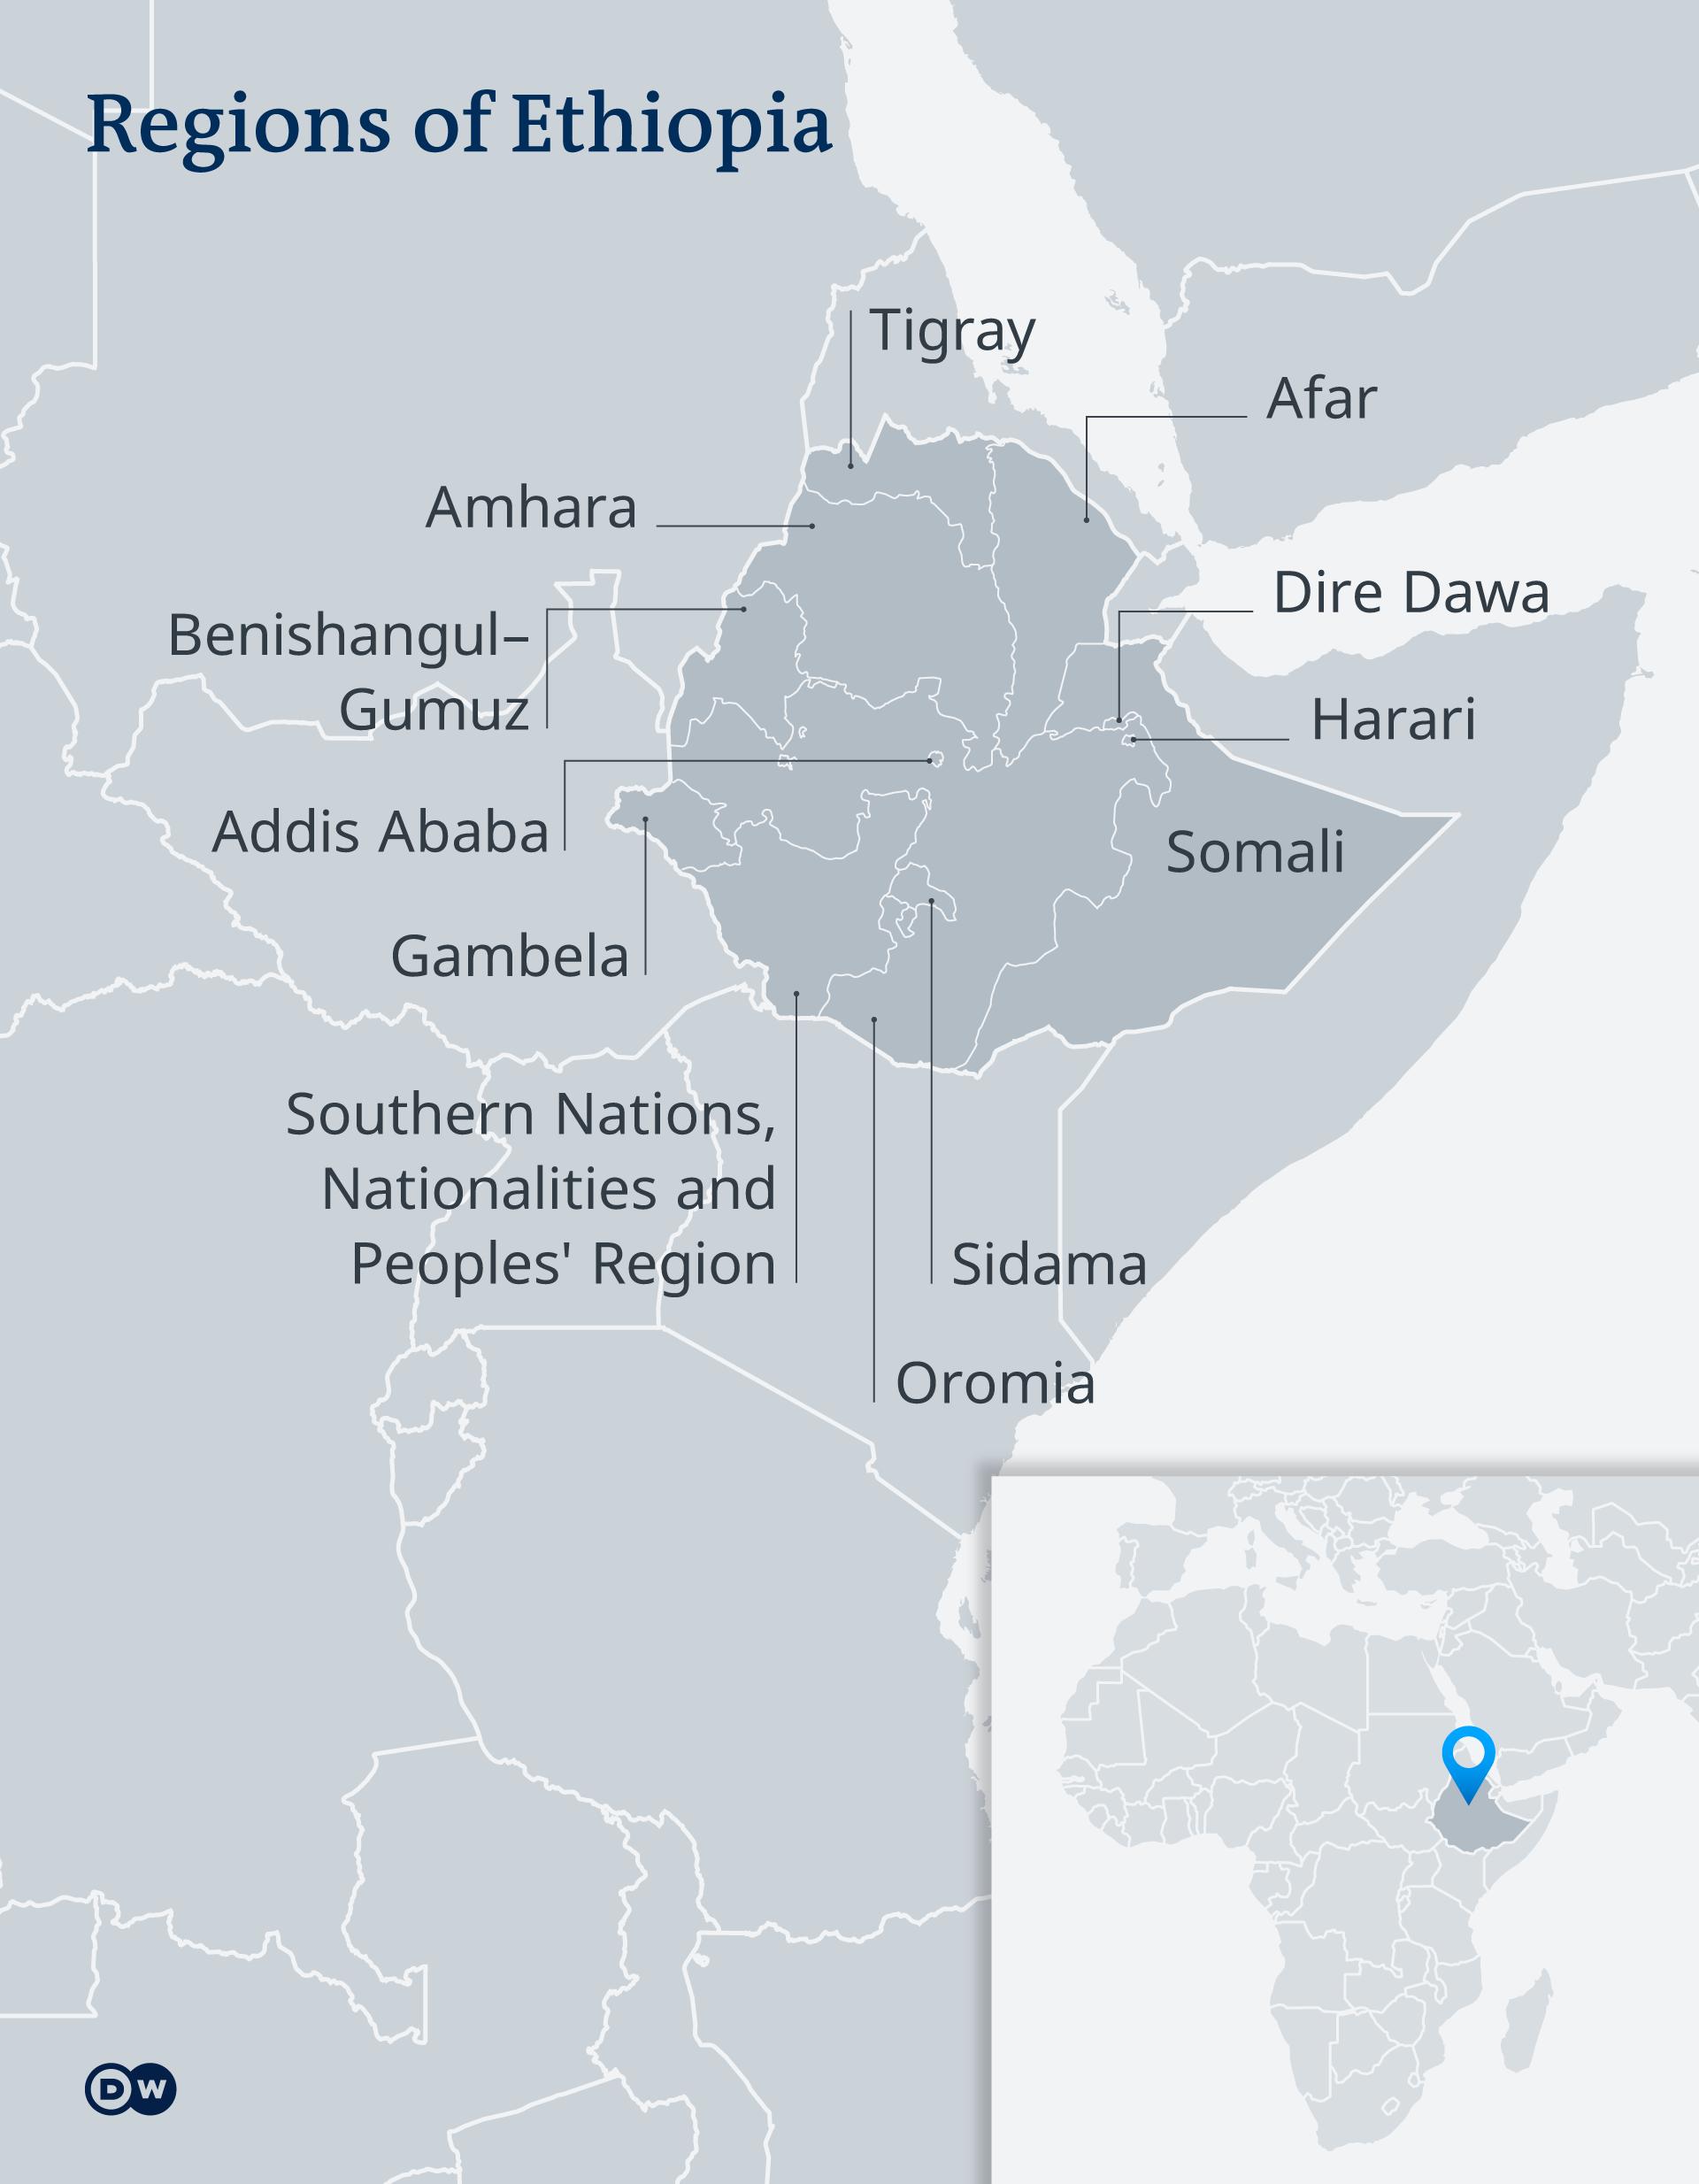 Map of Ethiopia's regions